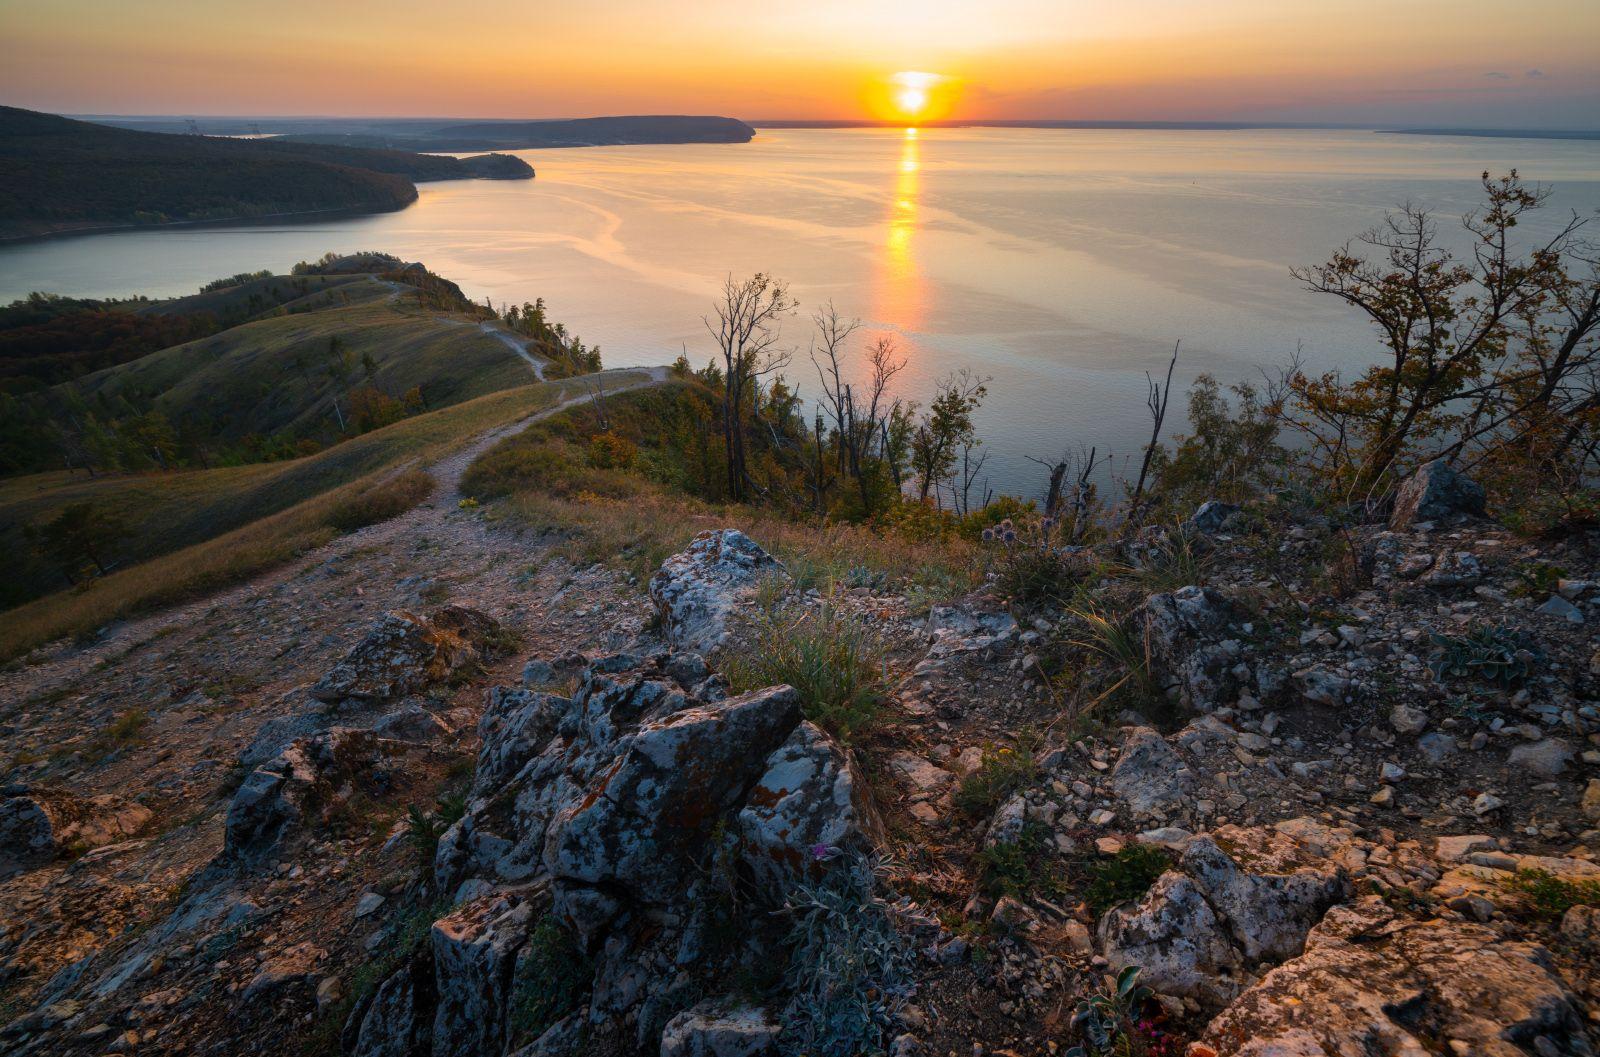 Каменными тропами пейзаж жигули закат солнце река камни отражение деревья